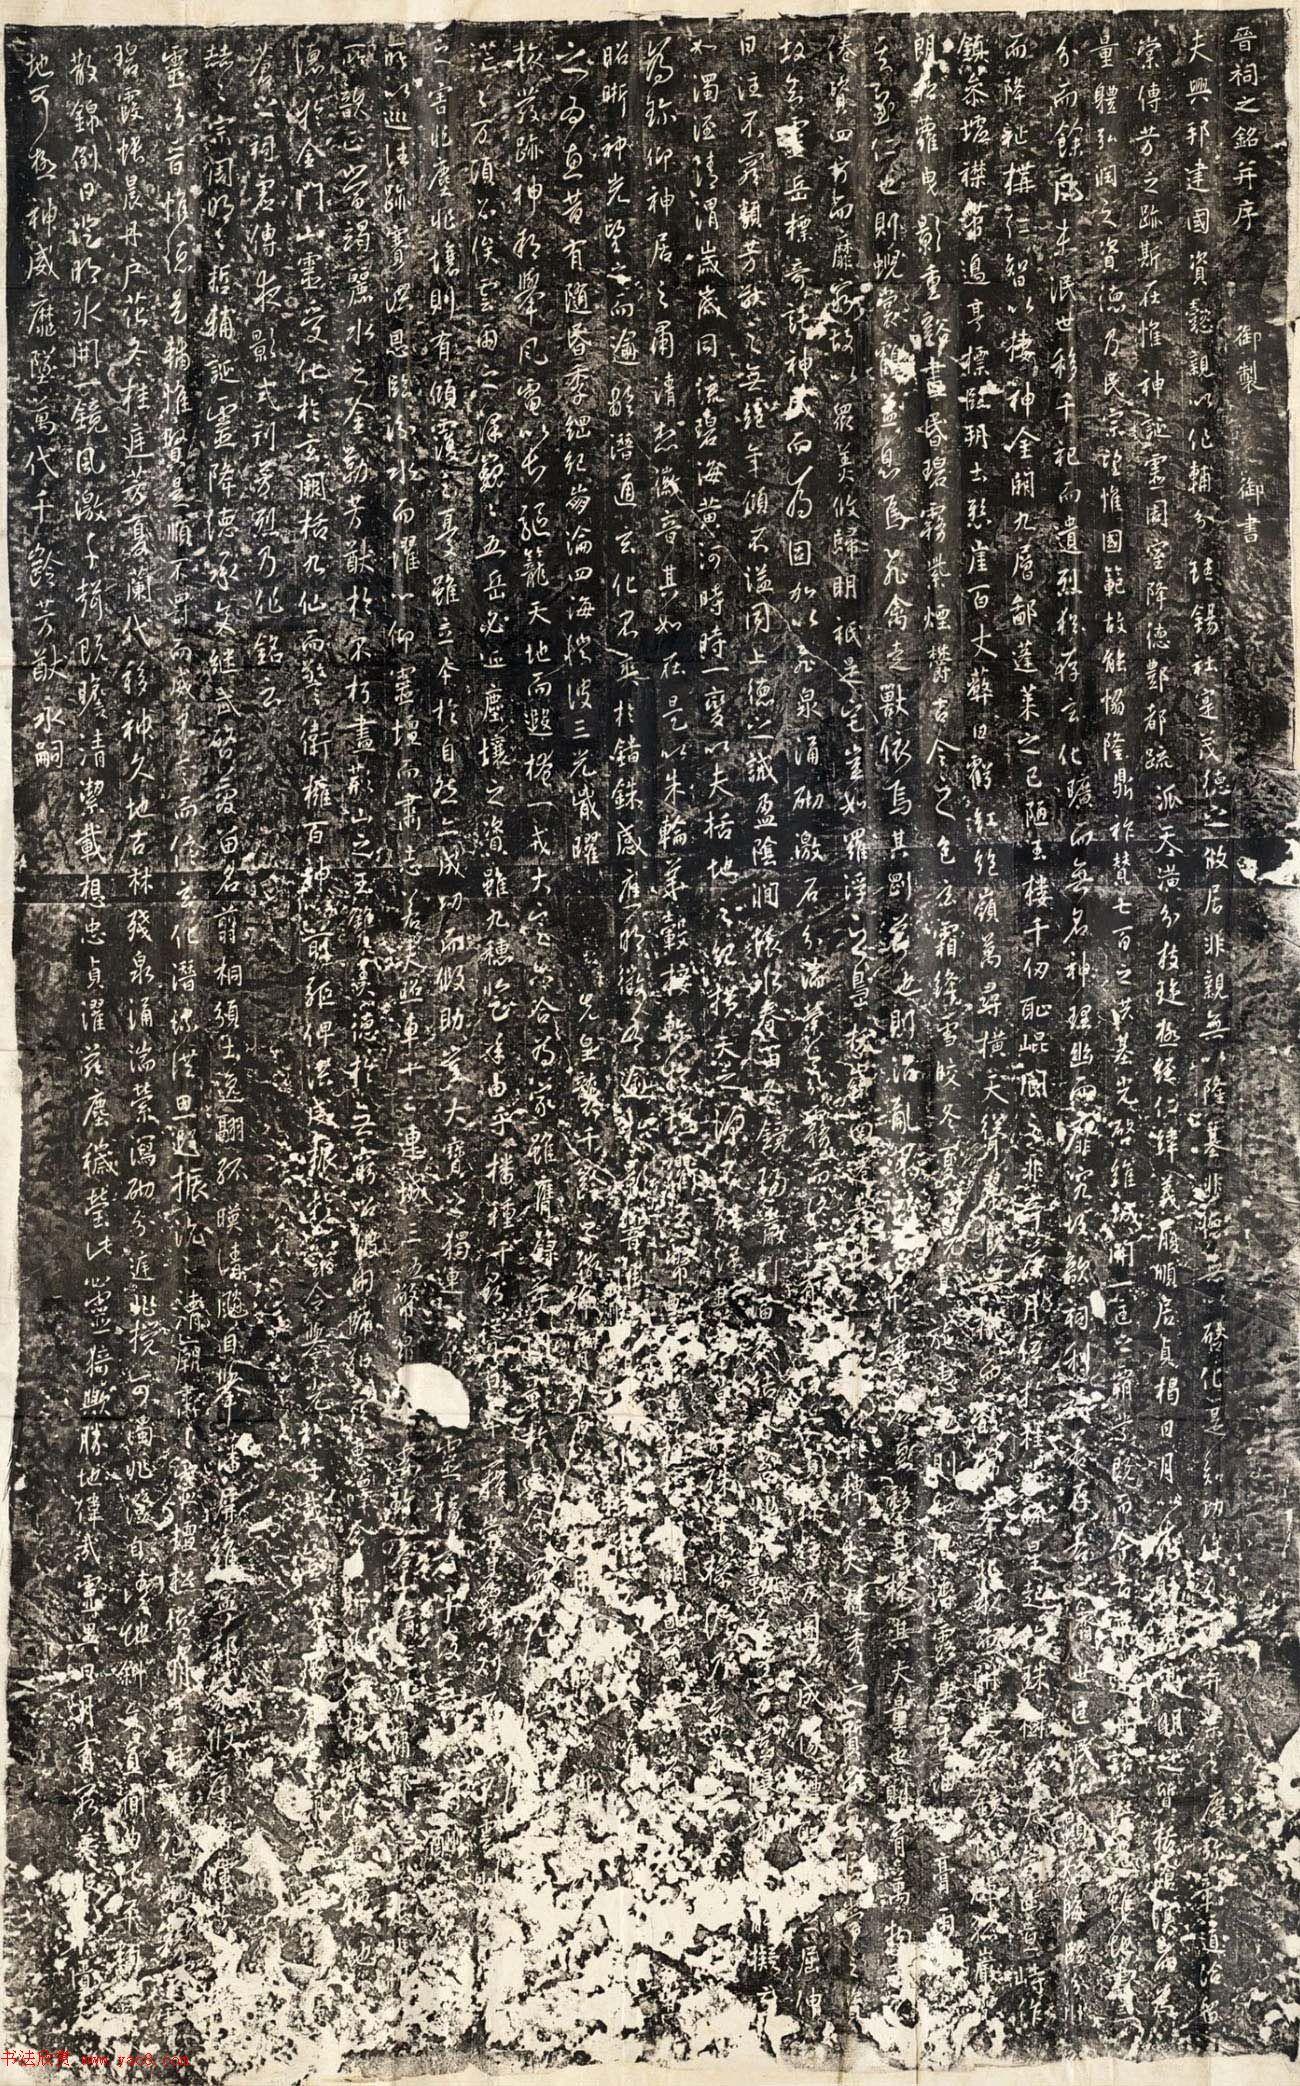 唐太宗李世民行书《晋祠之铭并序》